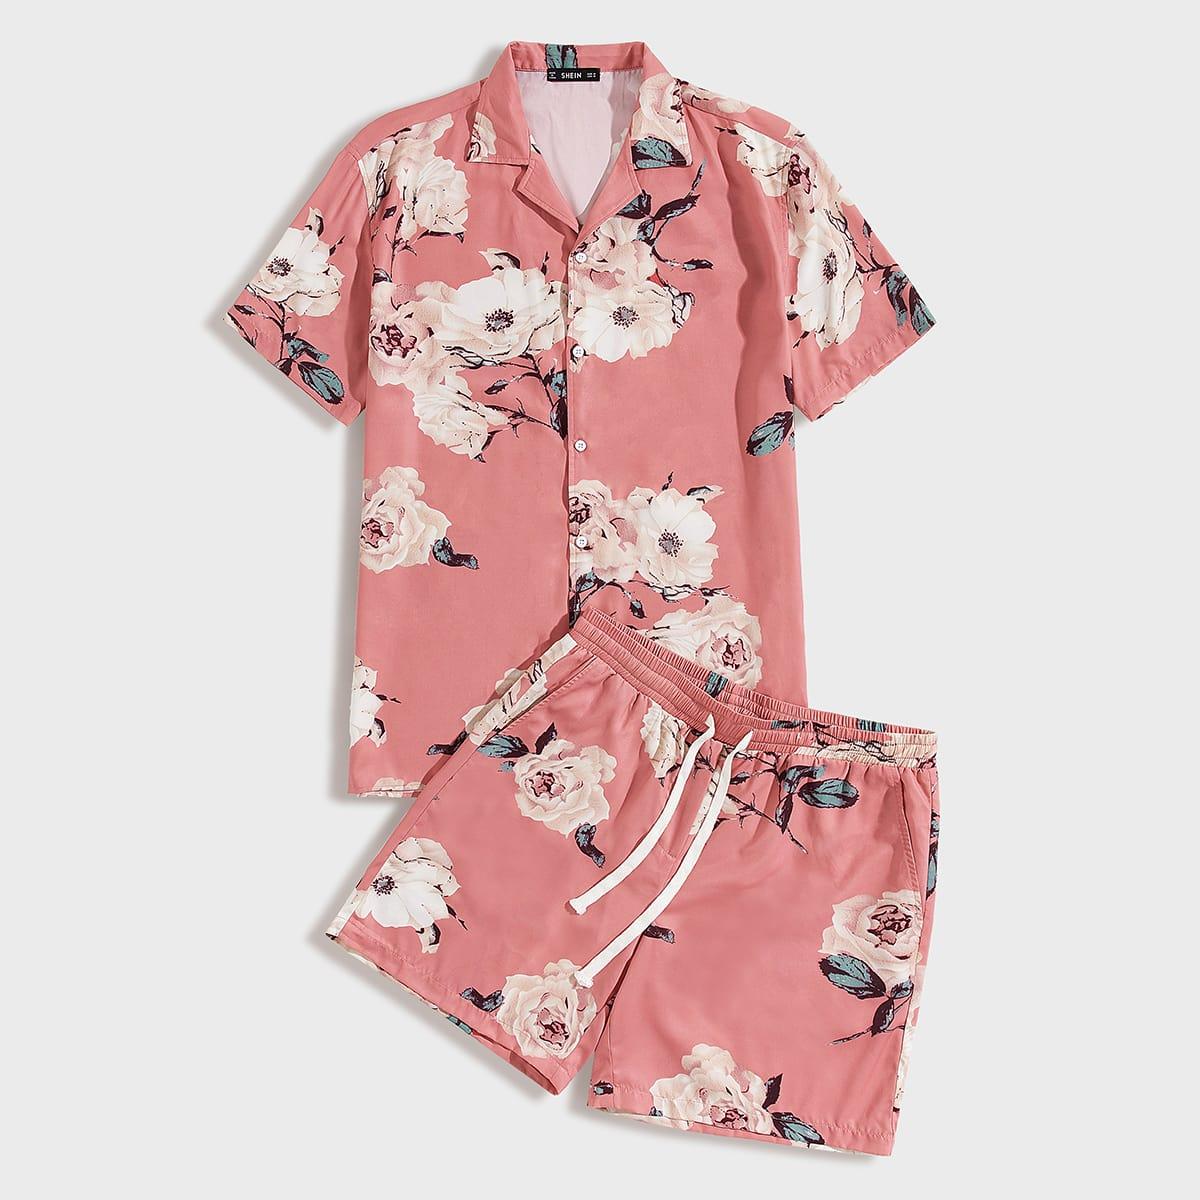 Мужские шорты и рубашка с цветочным принтом, клиновидным вырезом от SHEIN